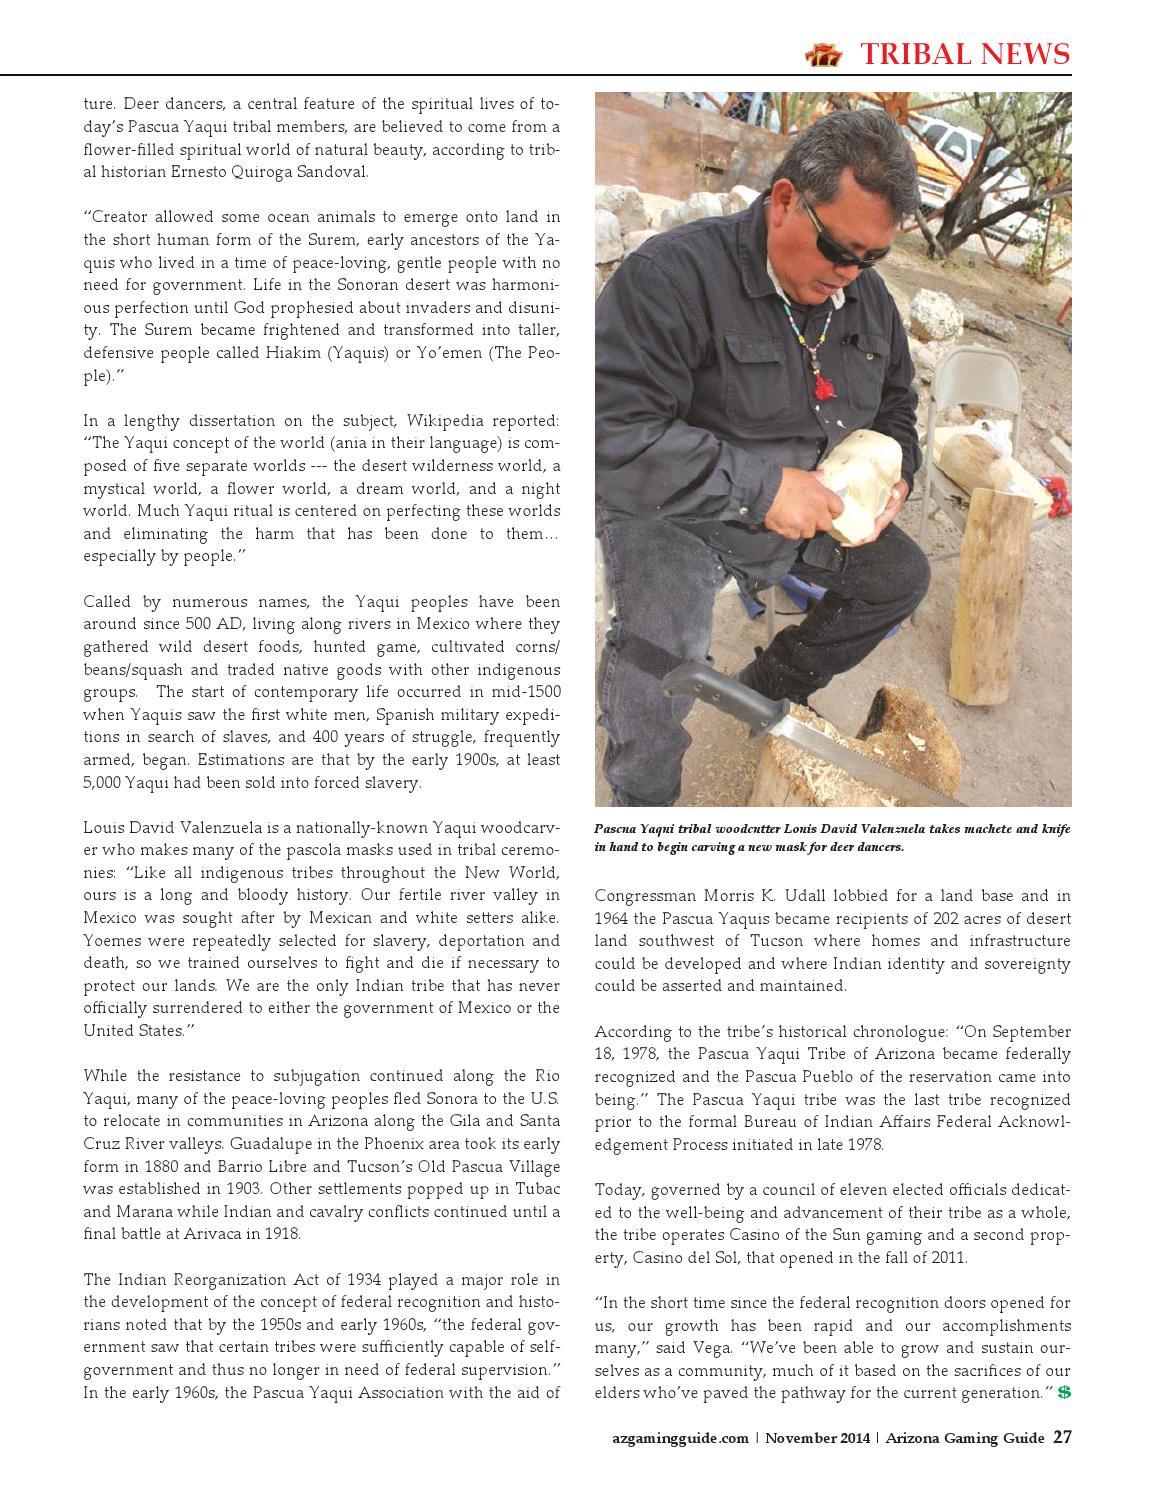 Arizona Gaming Guide Magazine - November 2014 - 06:11